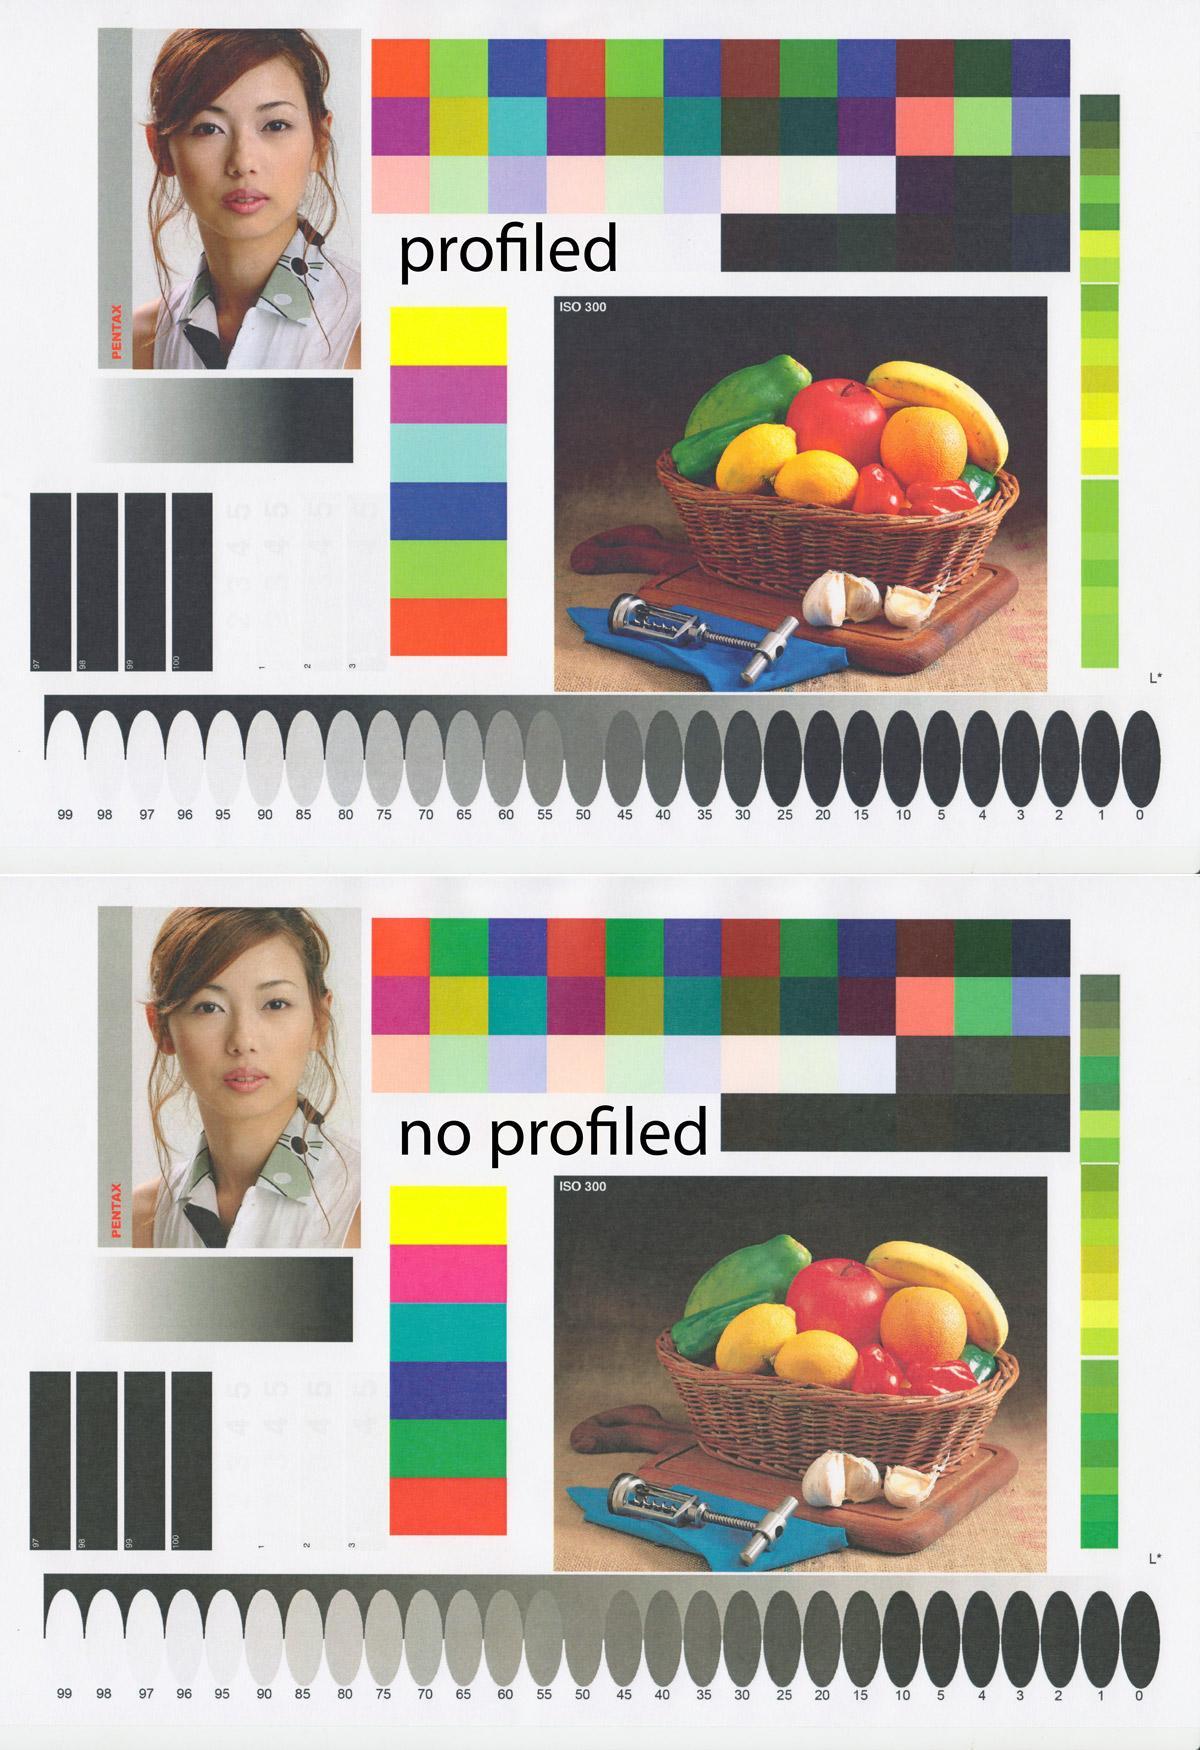 Результат построения профиля для цветного ЛАЗЕРНОГО принтера KYOCERA 5526cdn.